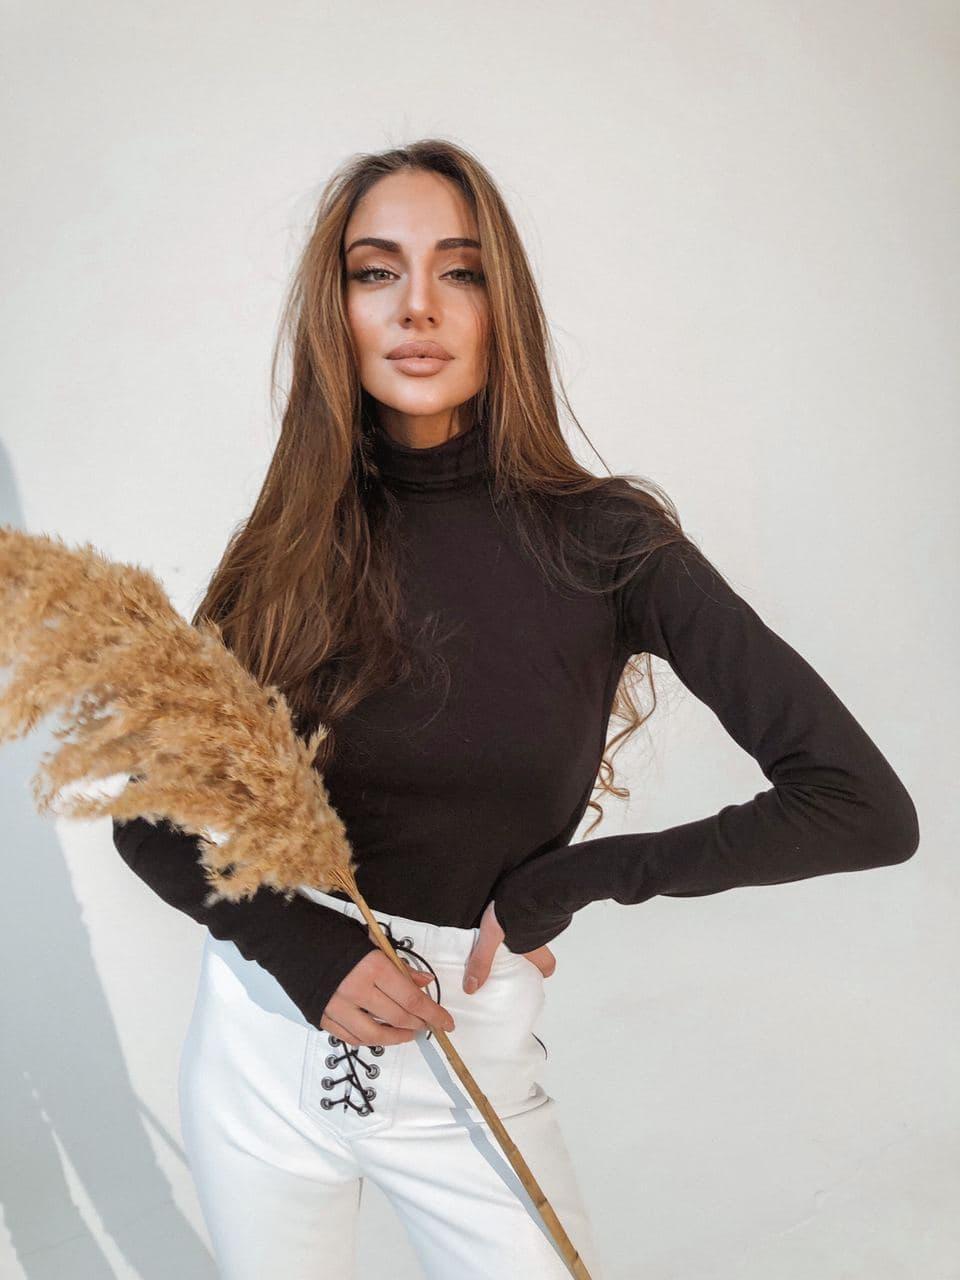 Боди - гольф женское базовое из хлопка с митенками с высоким воротником (р. единый 42-46) 58kap436